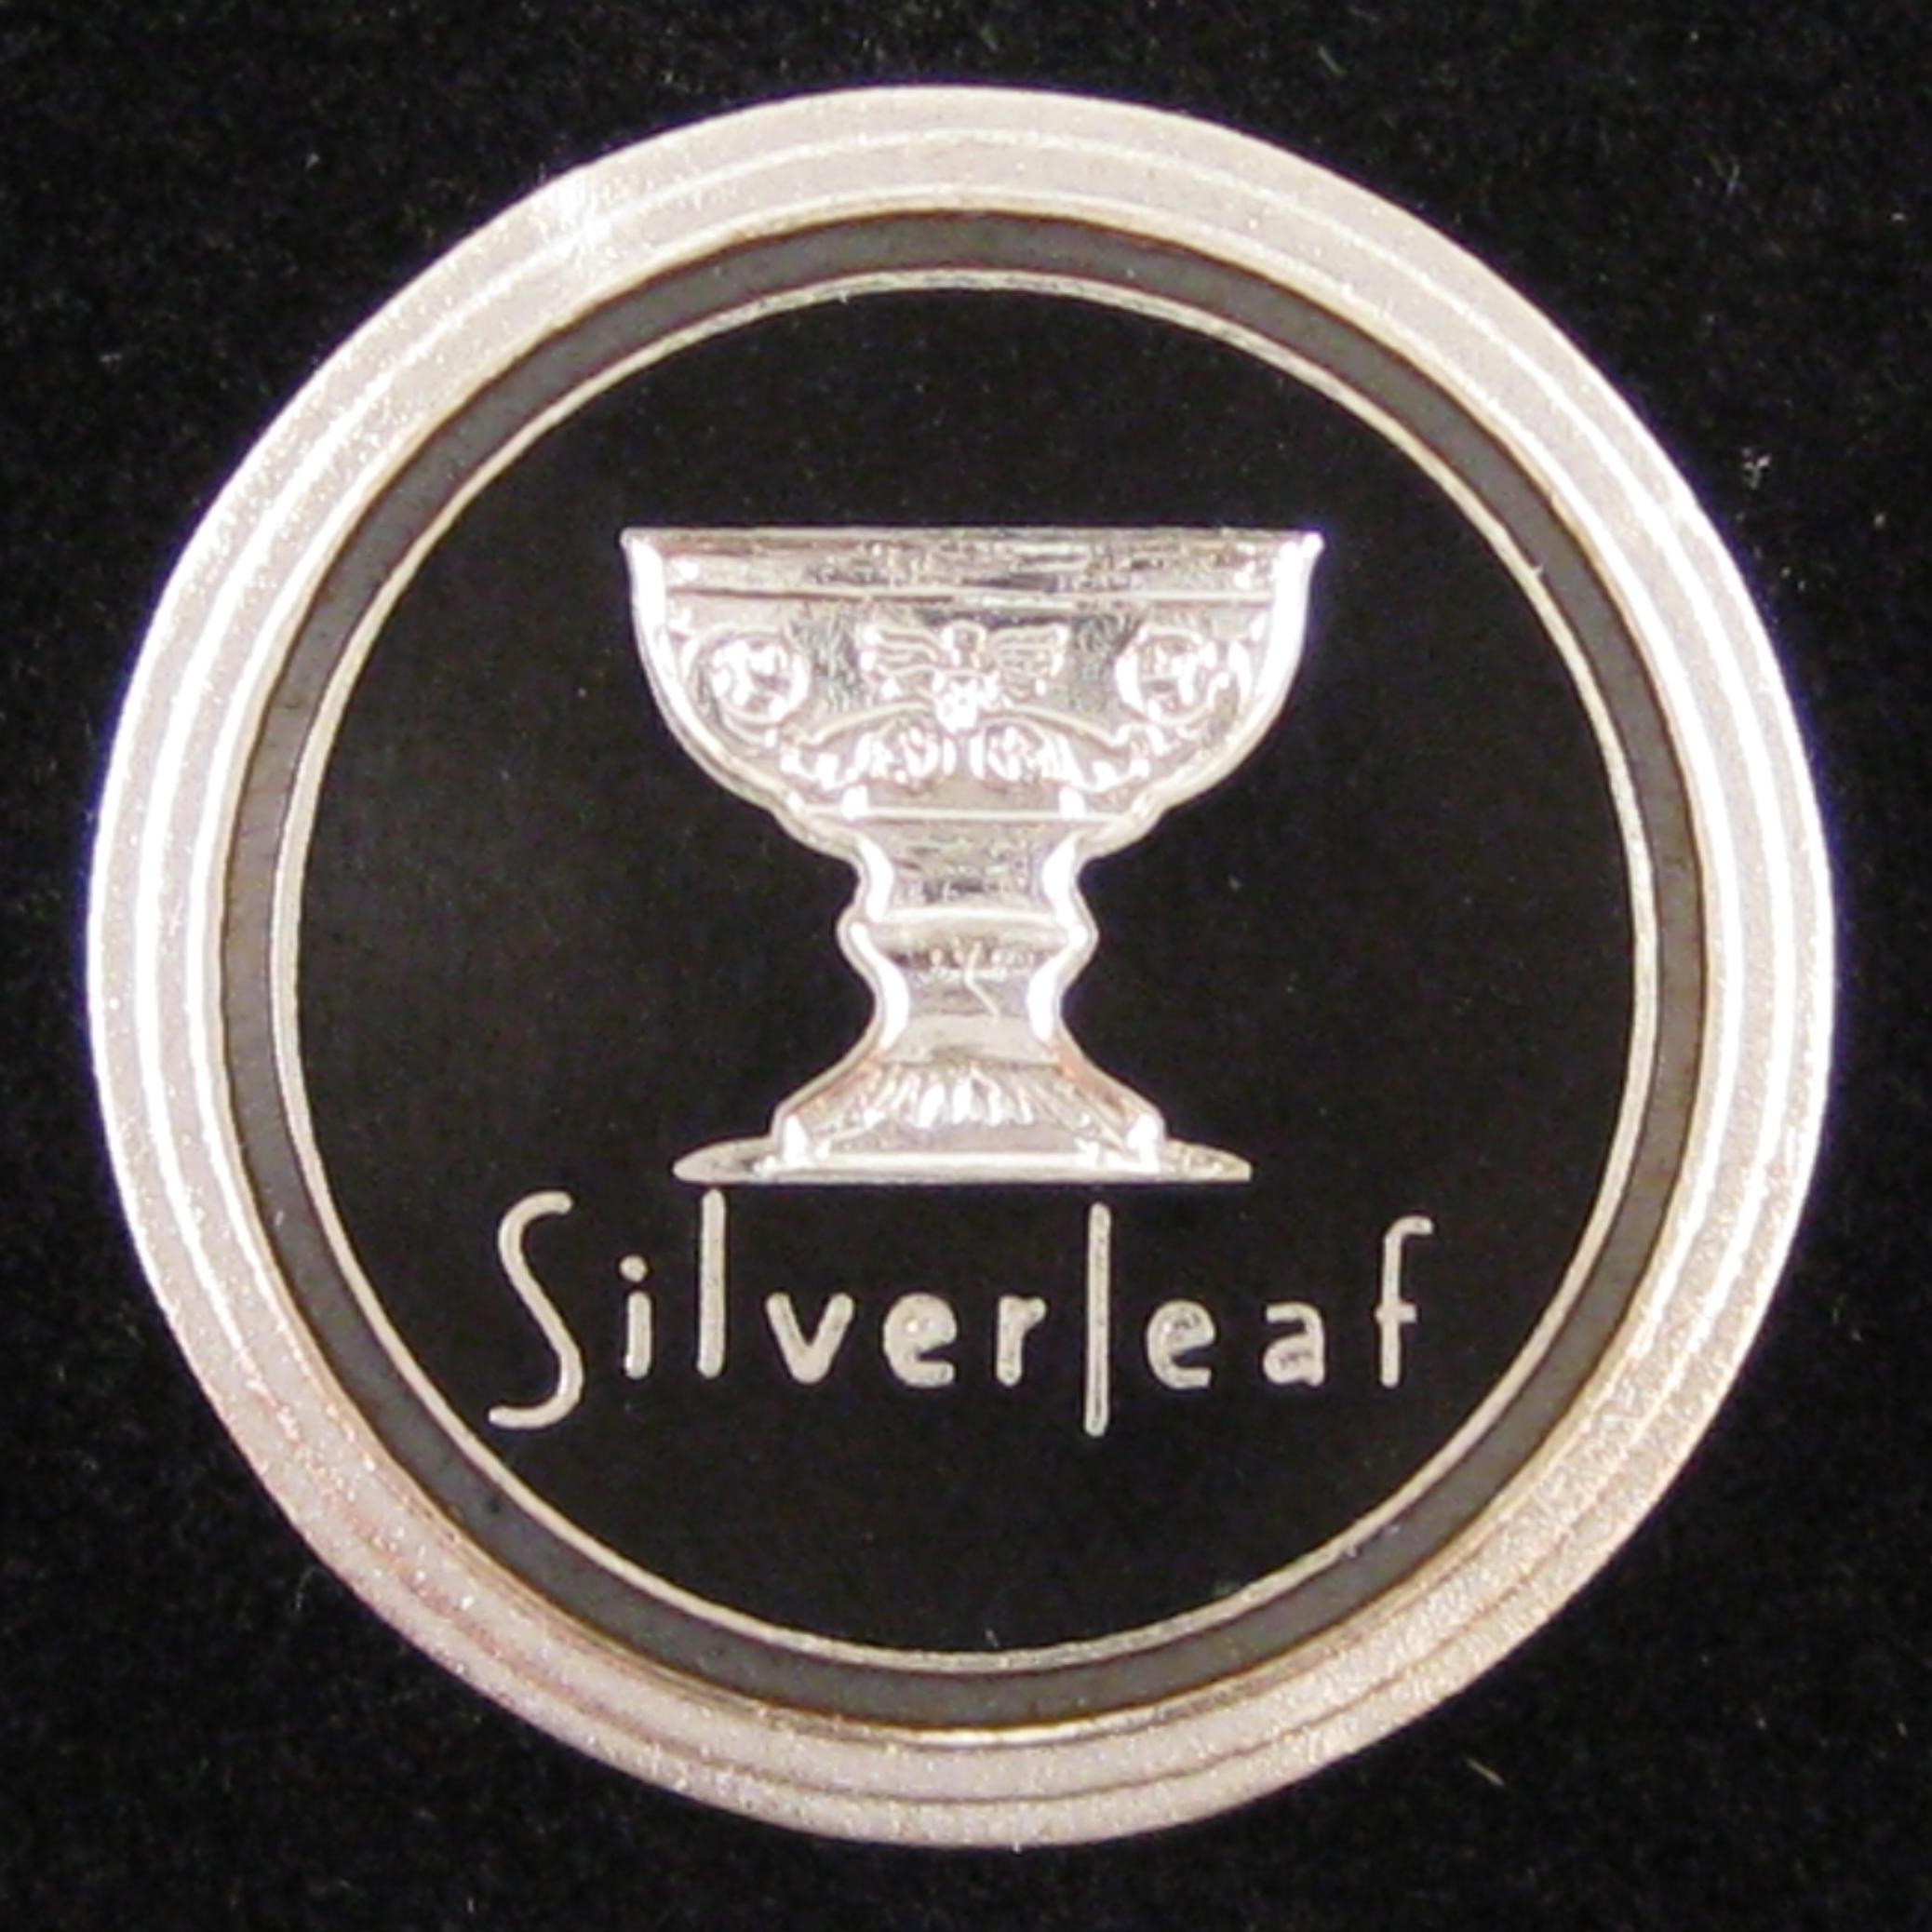 Silverleaf - Front Black